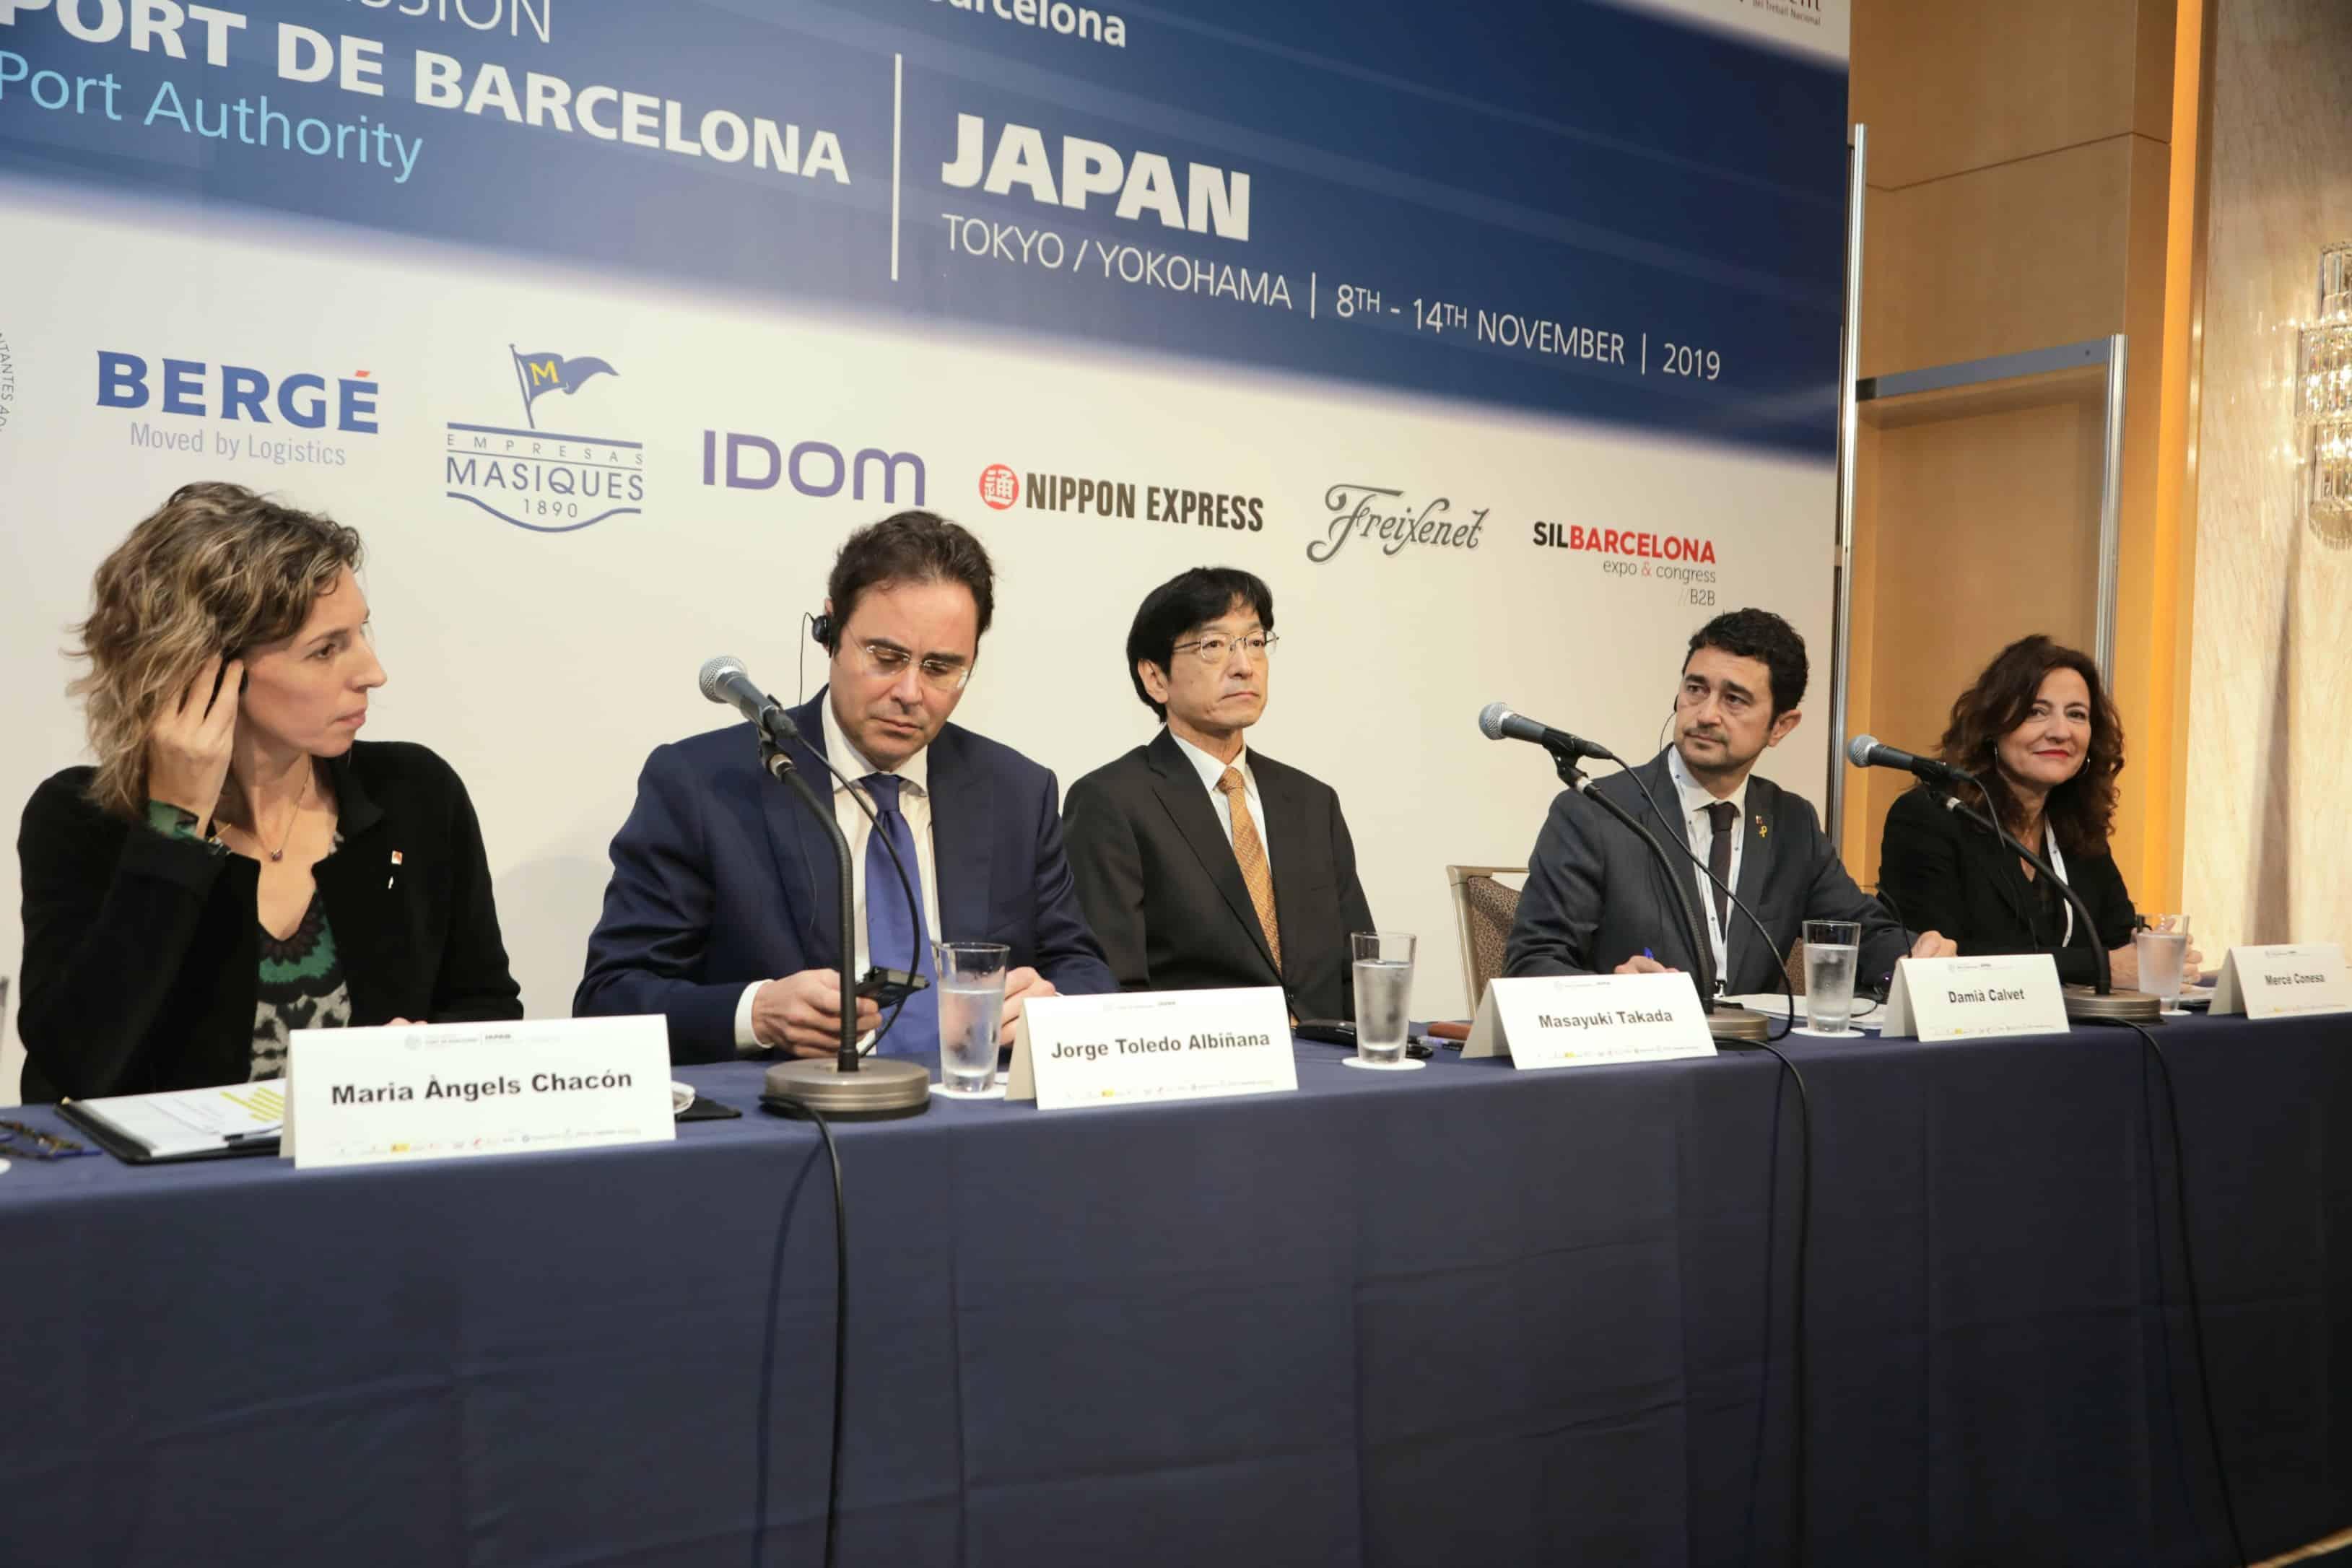 Japón aspira a incrementar su comercio con Europa a través del Puerto de Barcelona